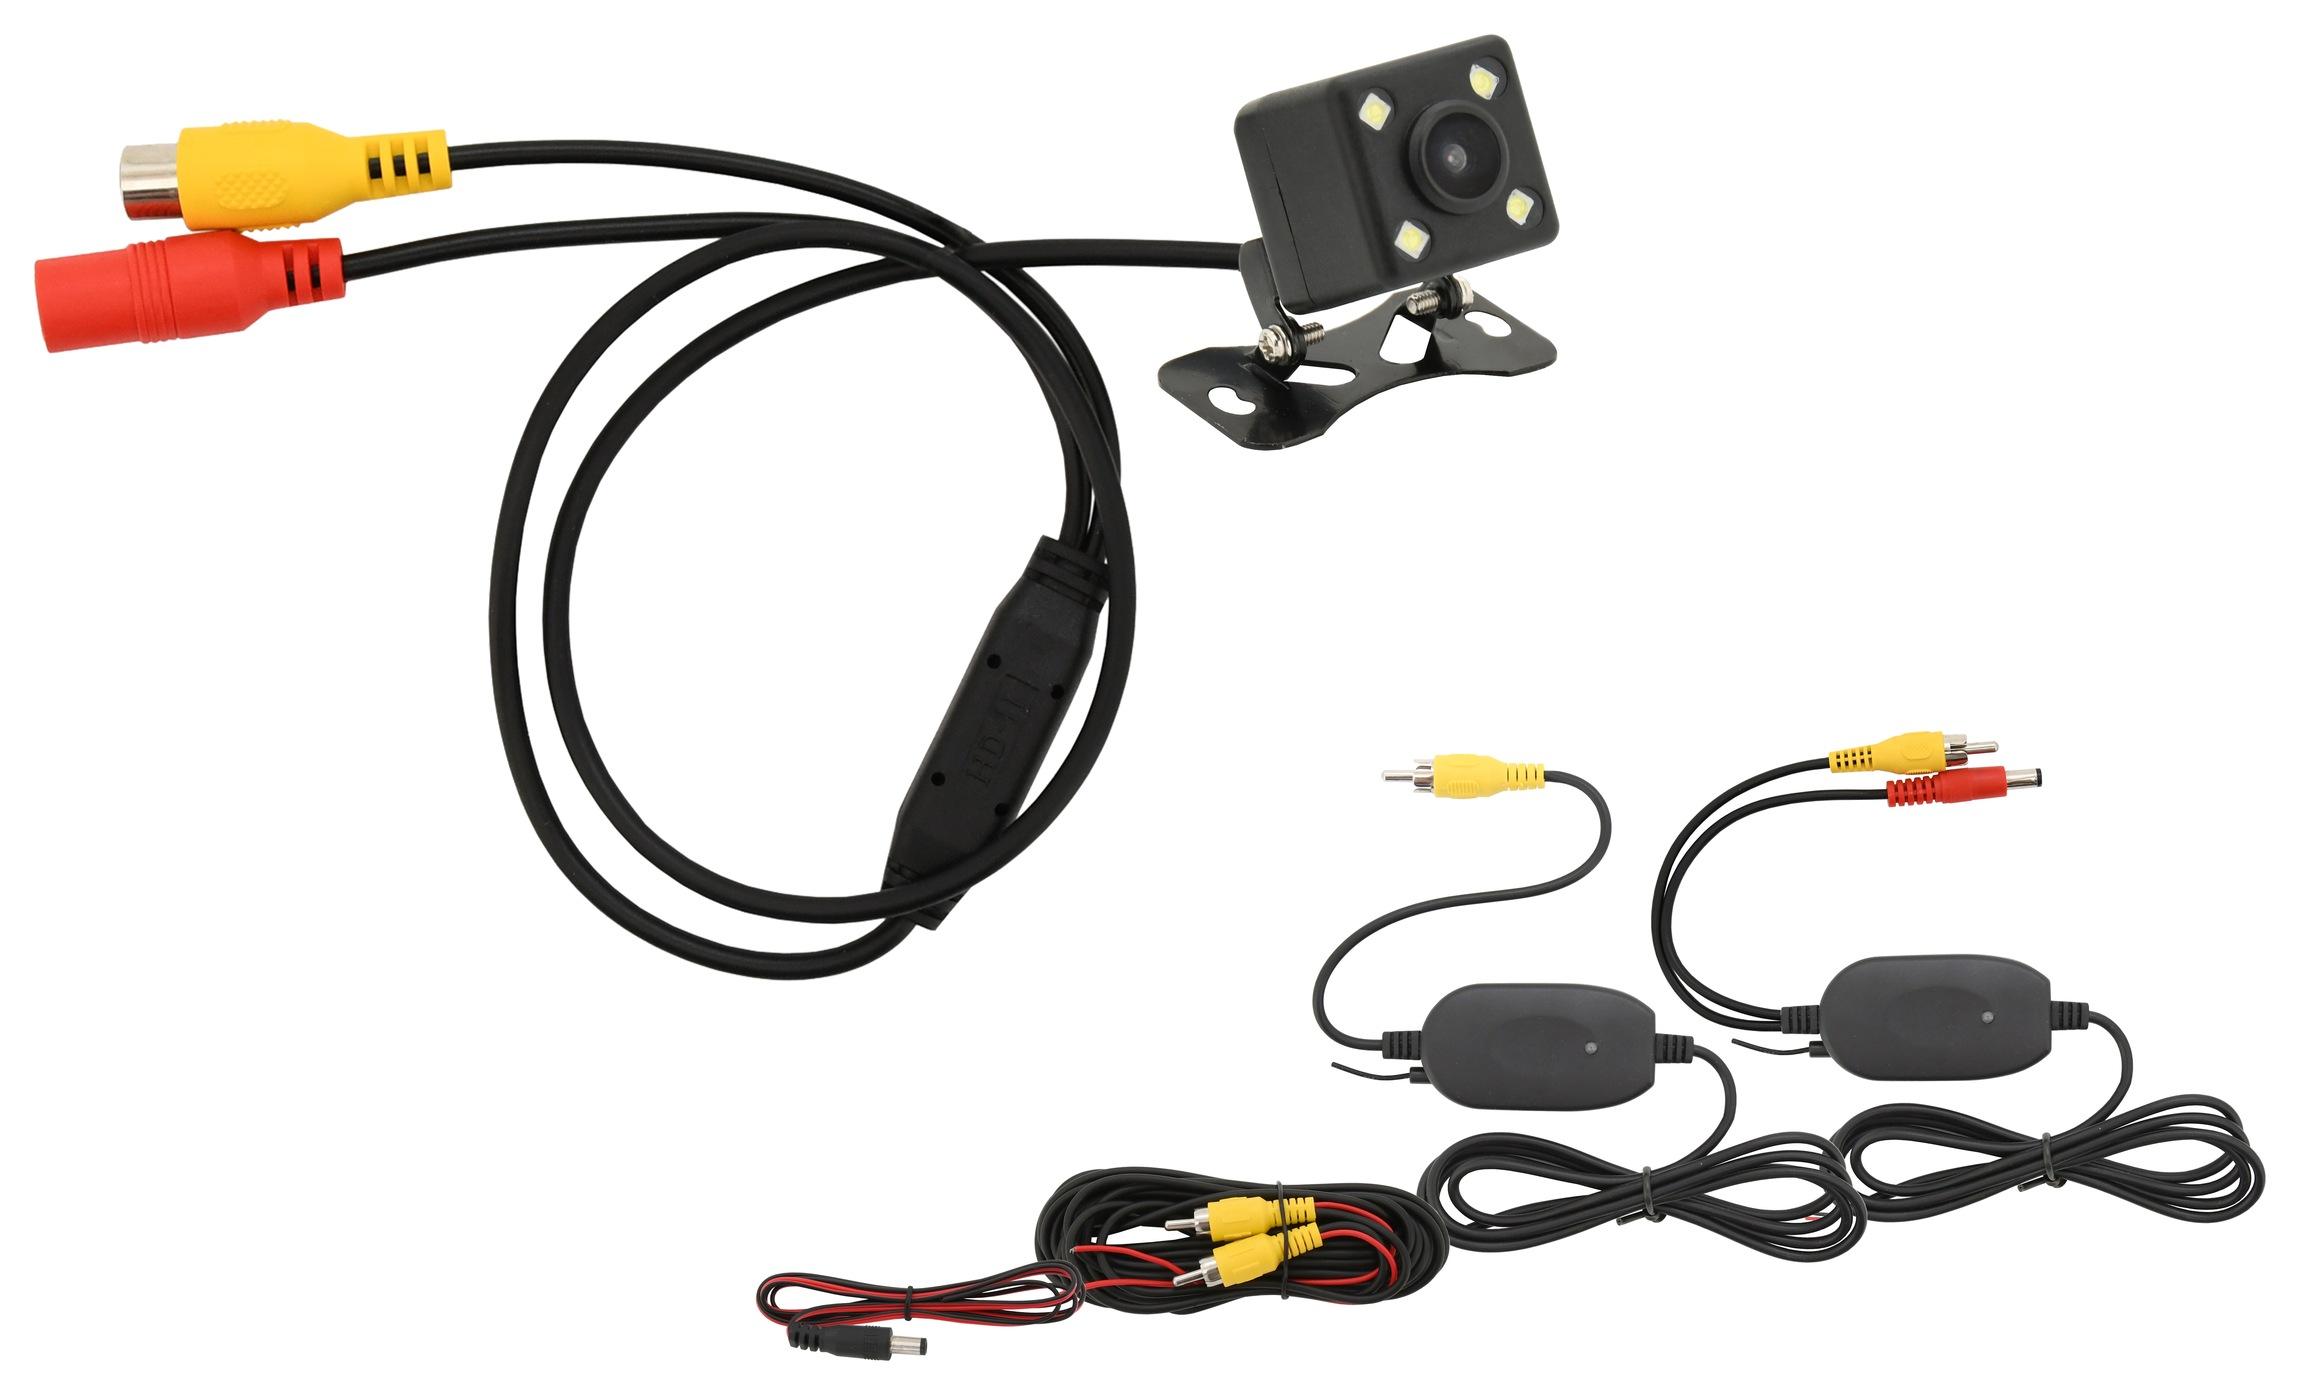 Parkovací kamera DICE bezdrátová polohovací s LED přísvitem